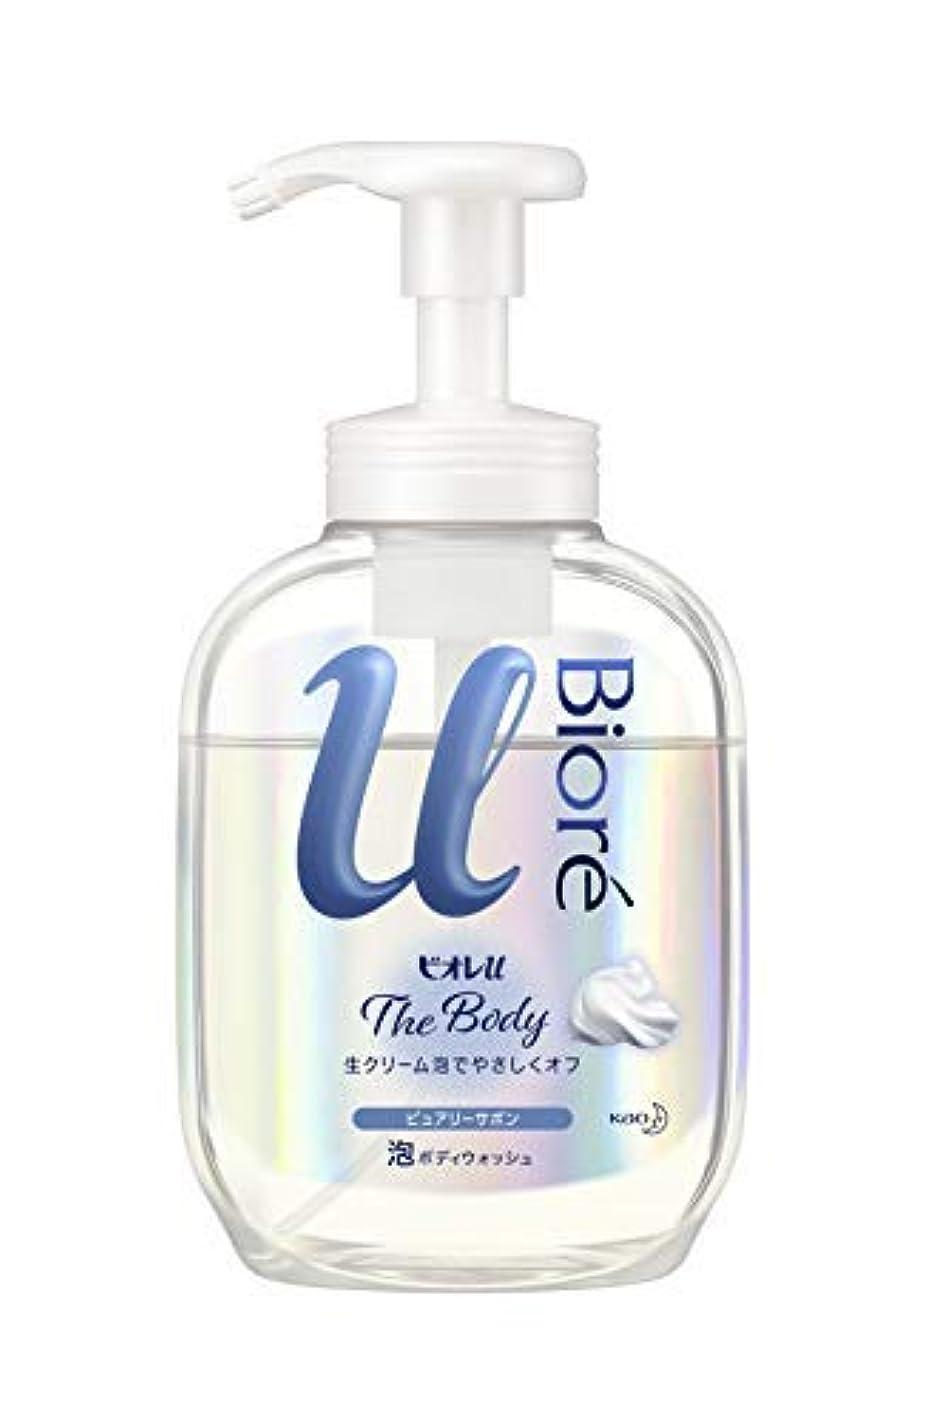 パンチキャンセル通常花王 ビオレu ザ ボディ The Body 泡タイプ ピュアリーサボンの香り ポンプ 540ml × 9個セット